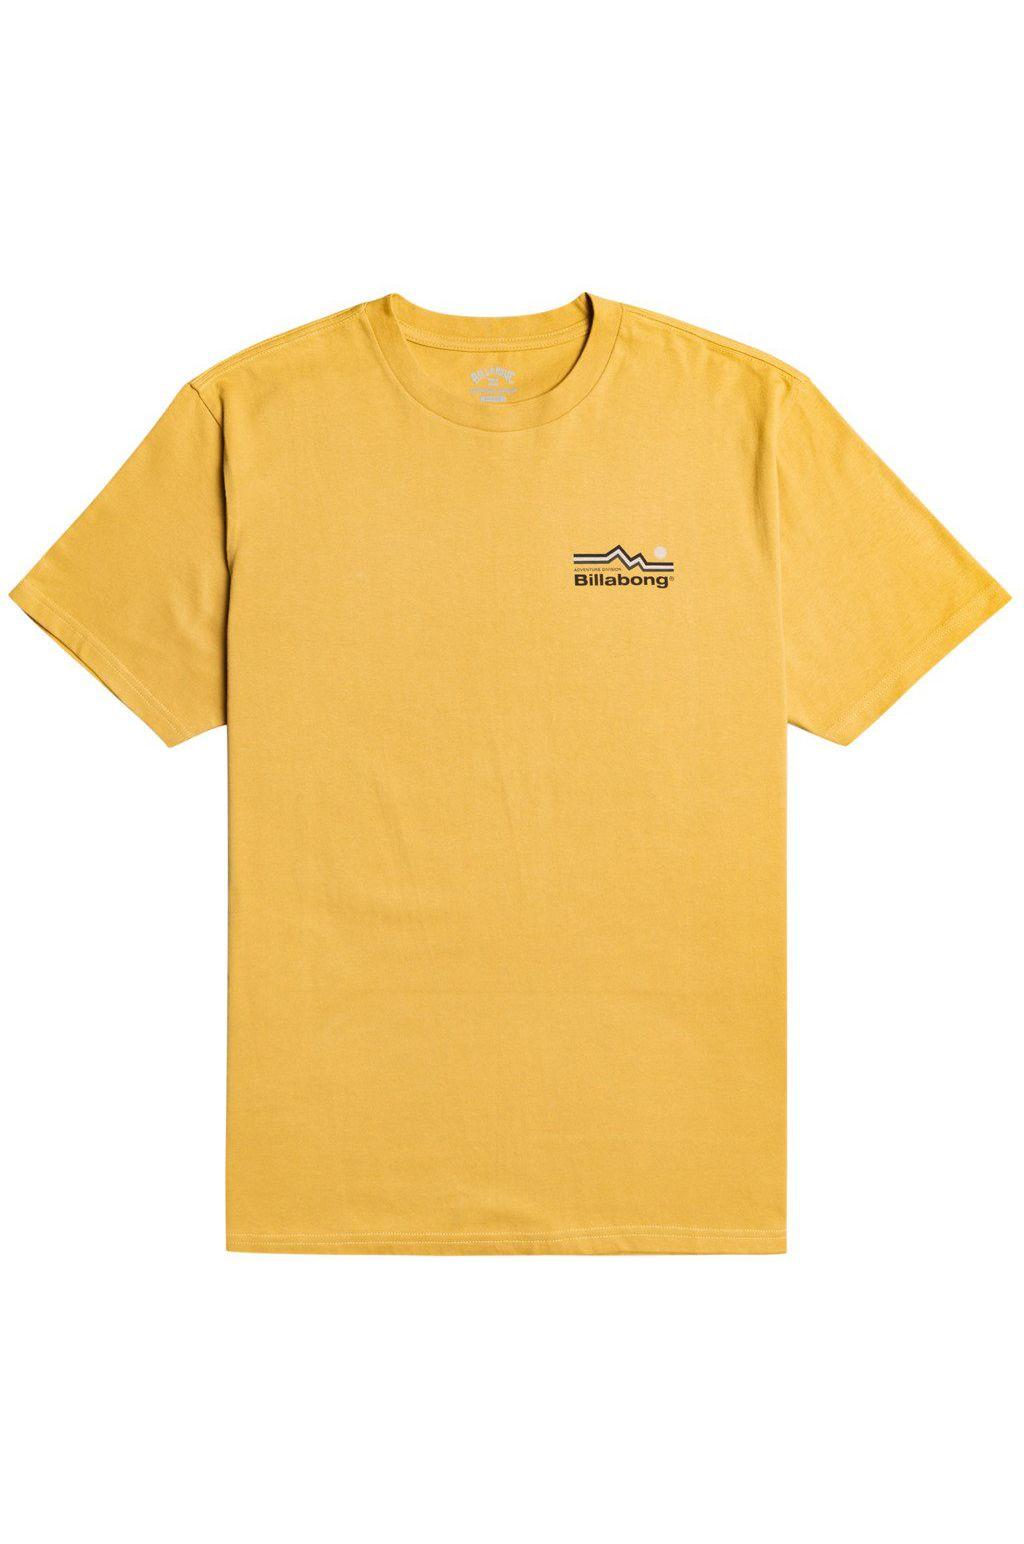 T-Shirt Billabong DENVER SS ADVENTURE DIVISION Gold